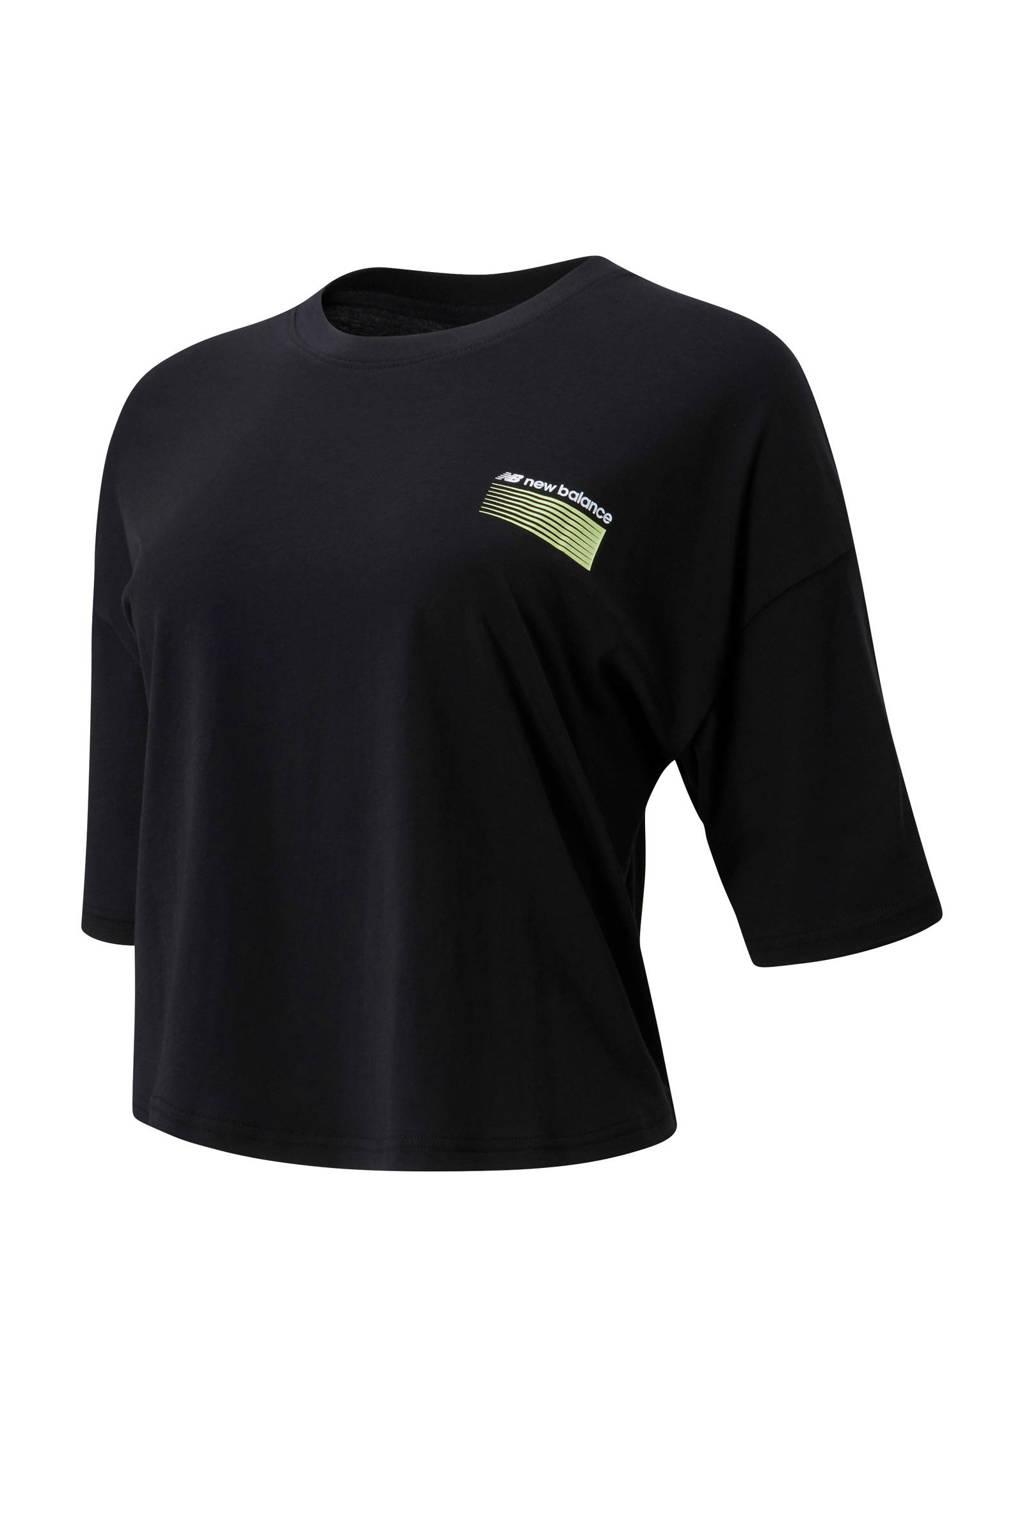 New Balance cropped T-shirt zwart, Zwart